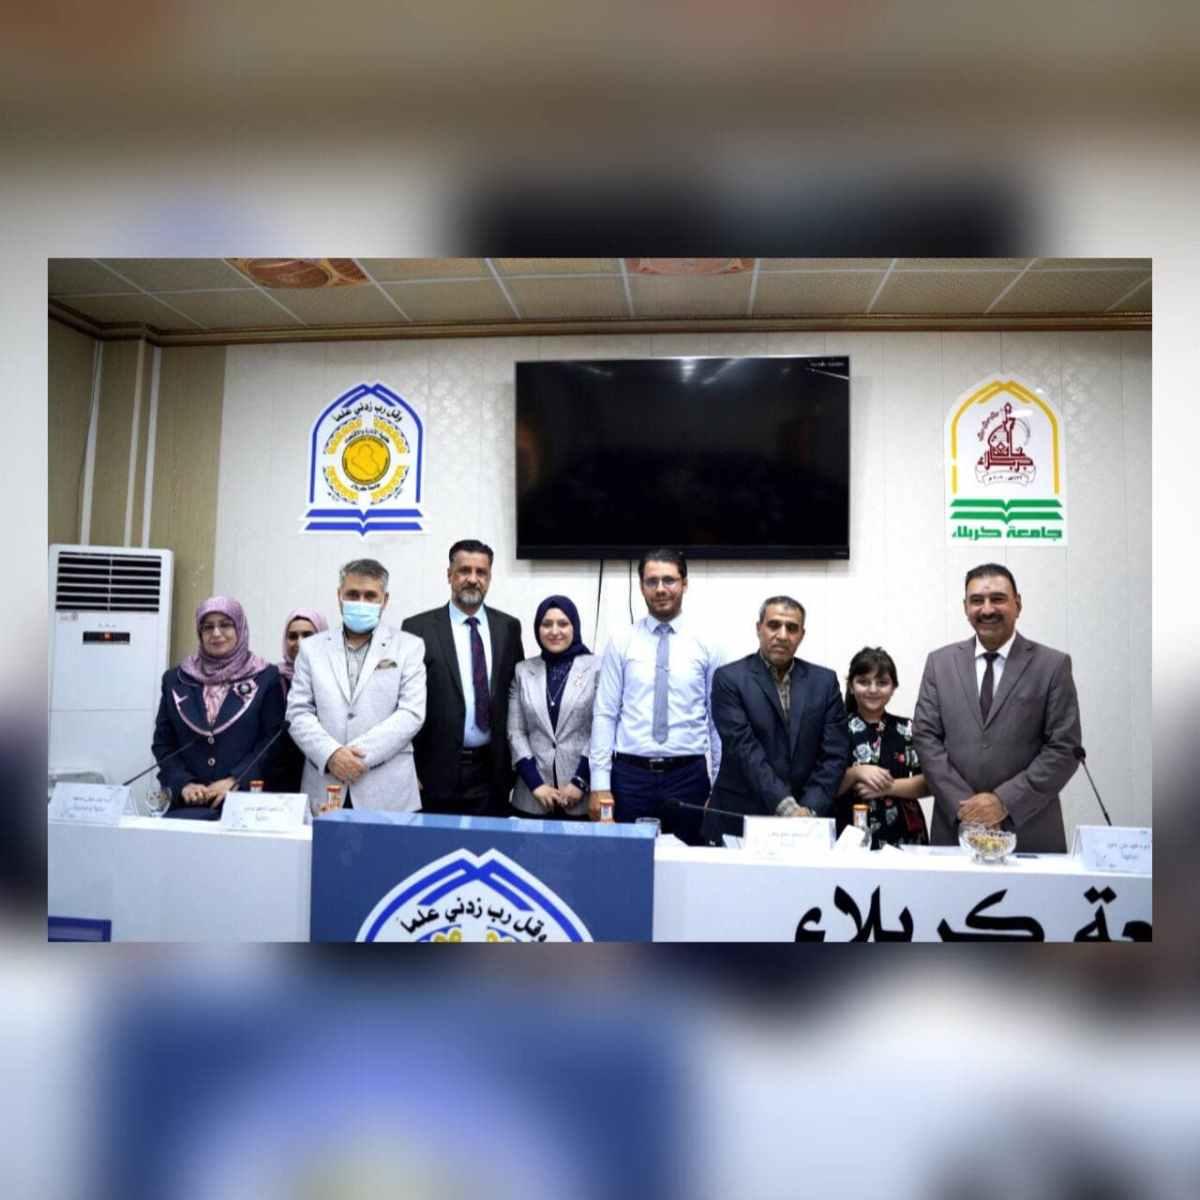 رسالة الماجستير في جامعة كربلاء تناقش إختبار العلاقة بين إدارة رأس المال العامل والربحية والكفاءة التشغيلية